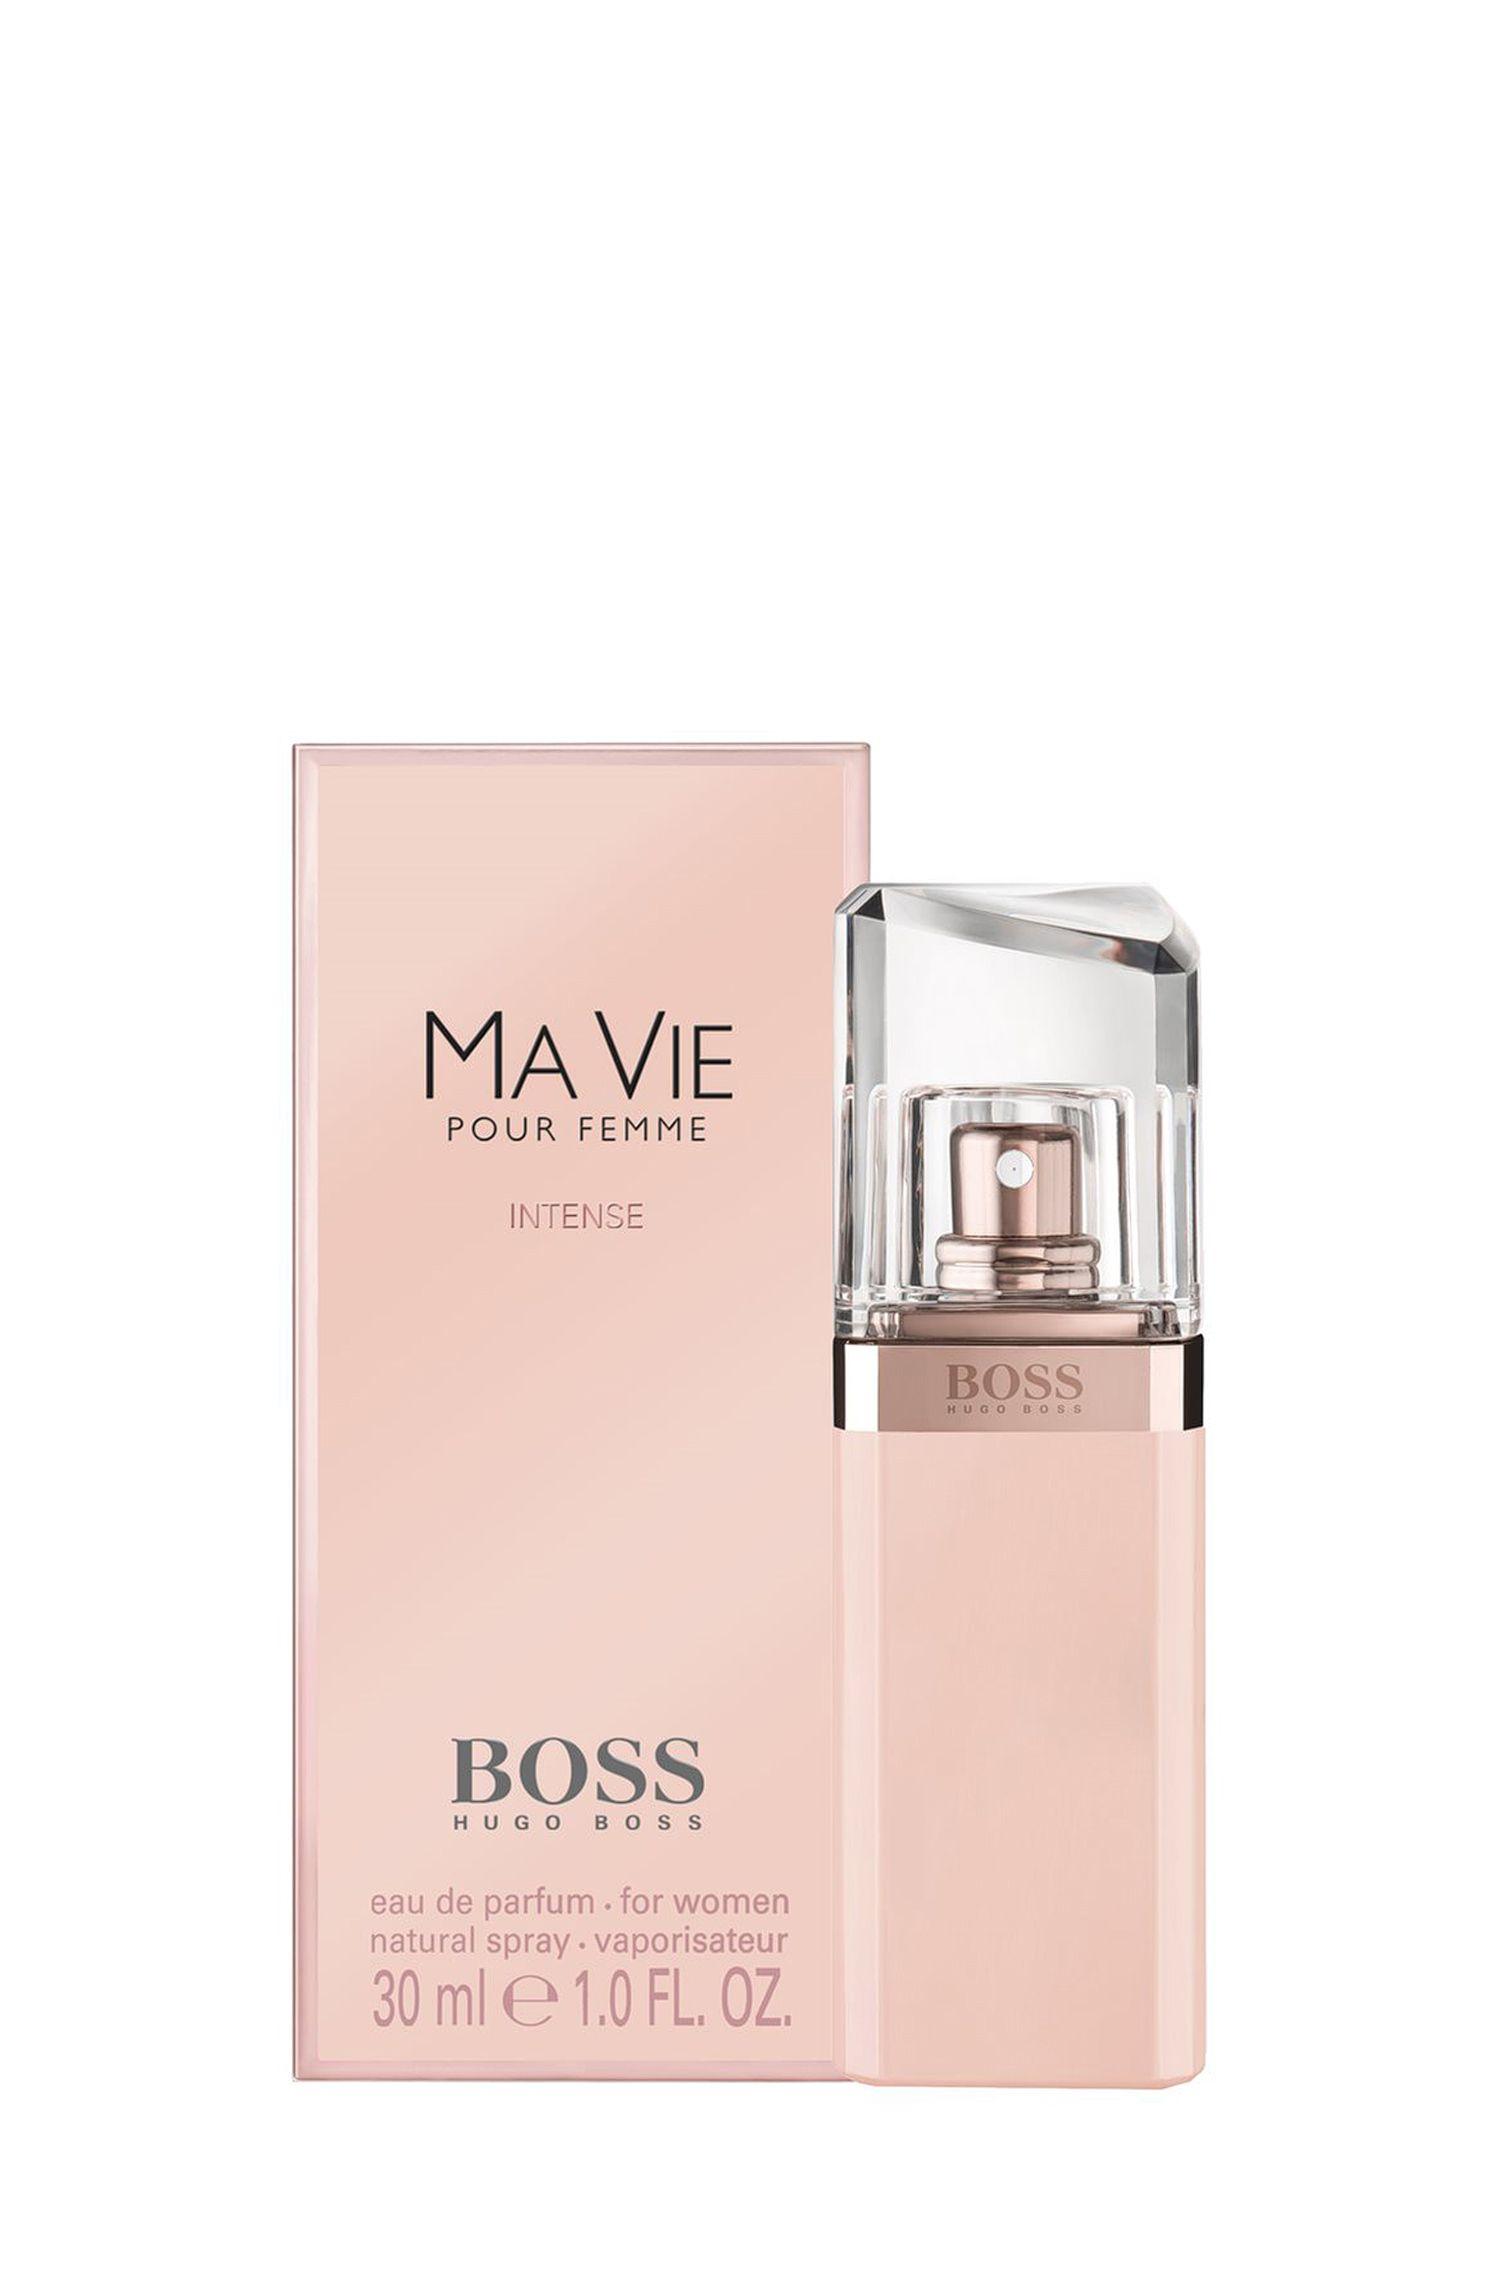 BOSS Ma Vie Intense eau de parfum 30ml, Assorted-Pre-Pack